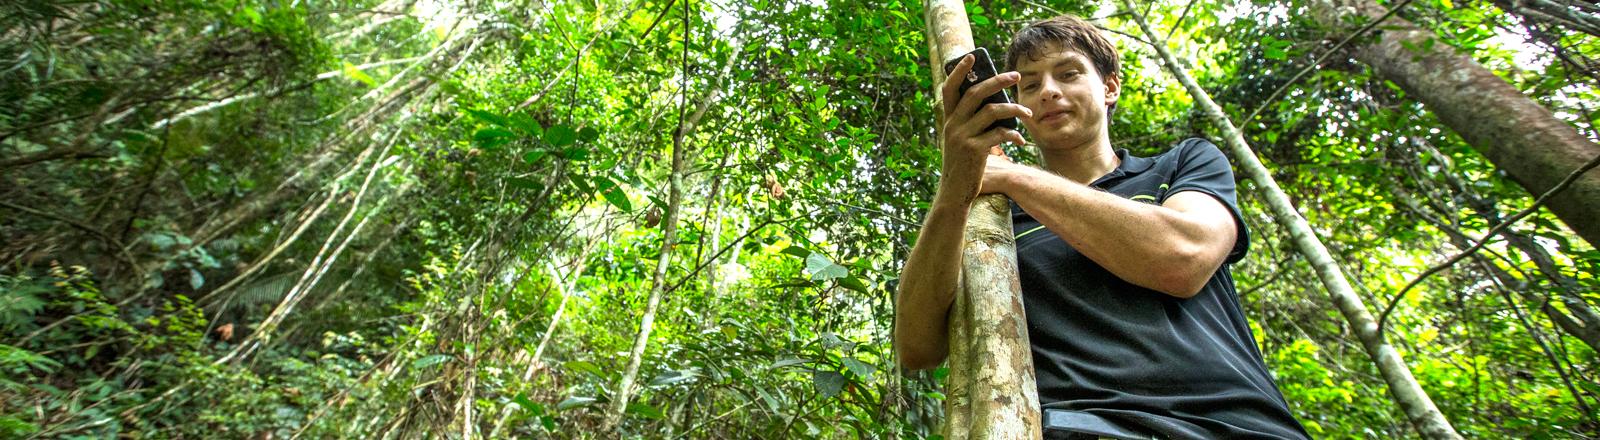 Topher White steht mit Handy im Regenwald